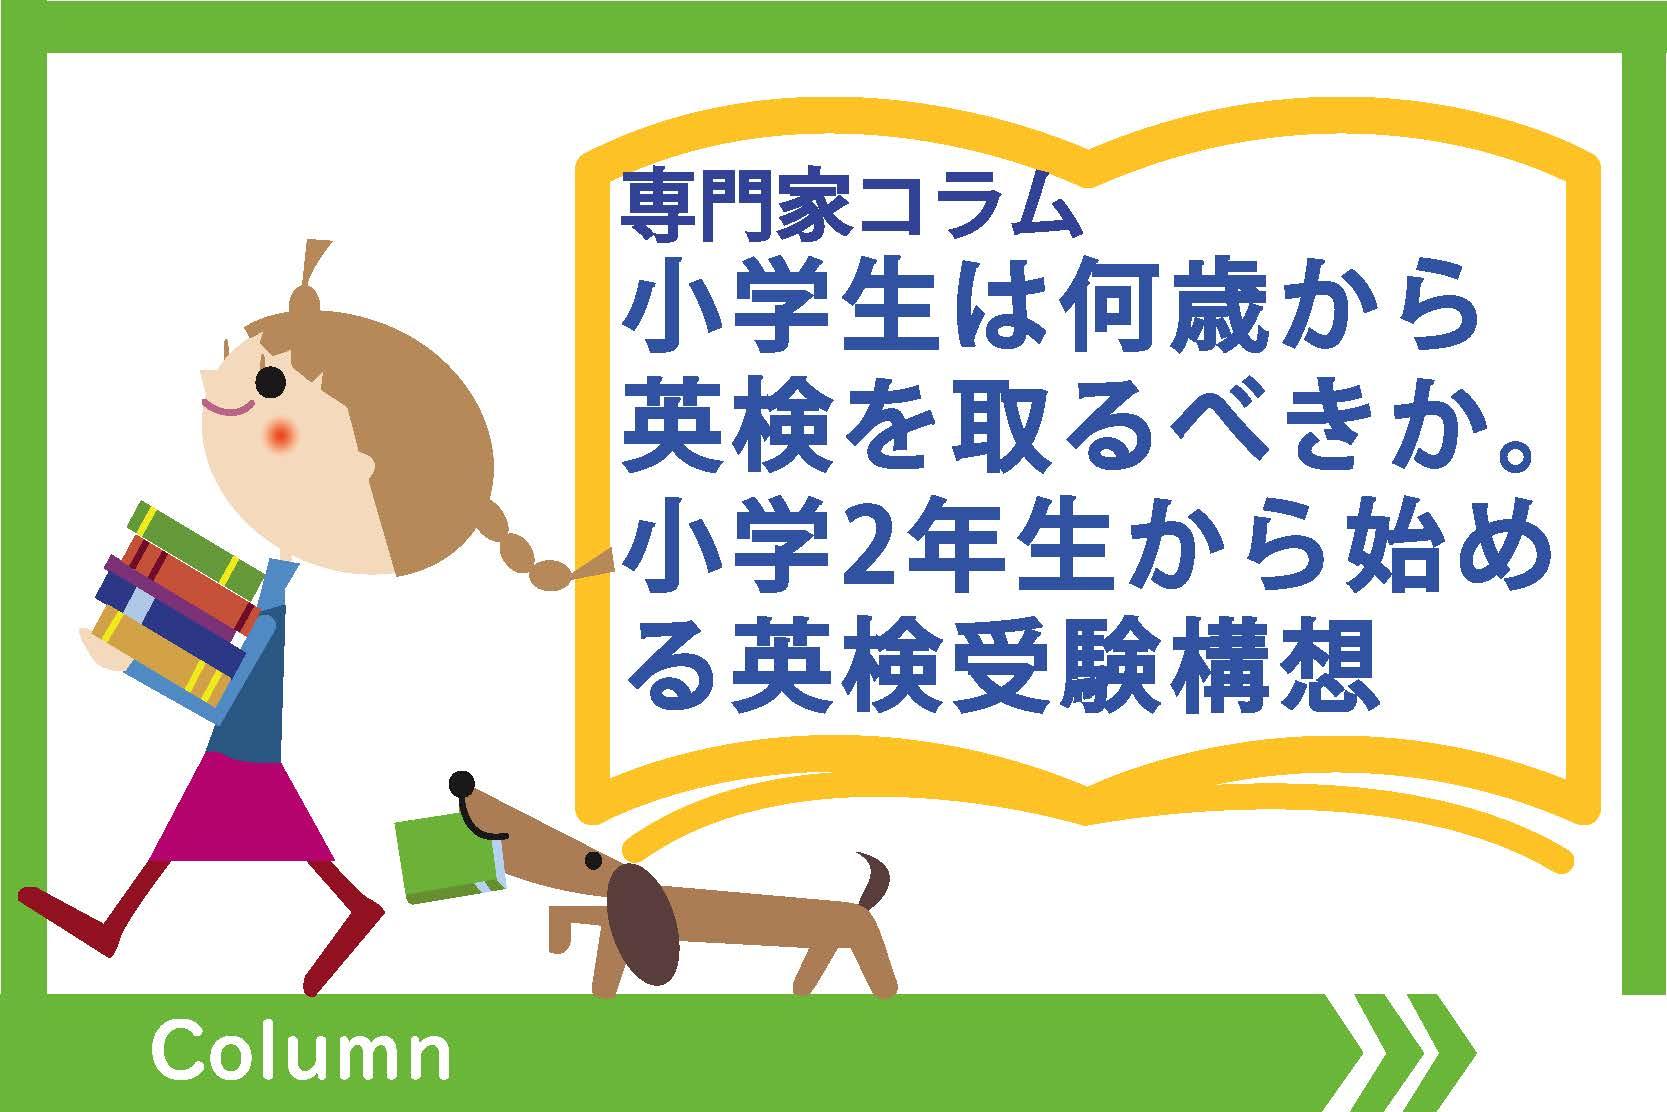 【専門家コラム】小学生は何歳から英検を取るべきか。小学2年生から始める英検受験構想